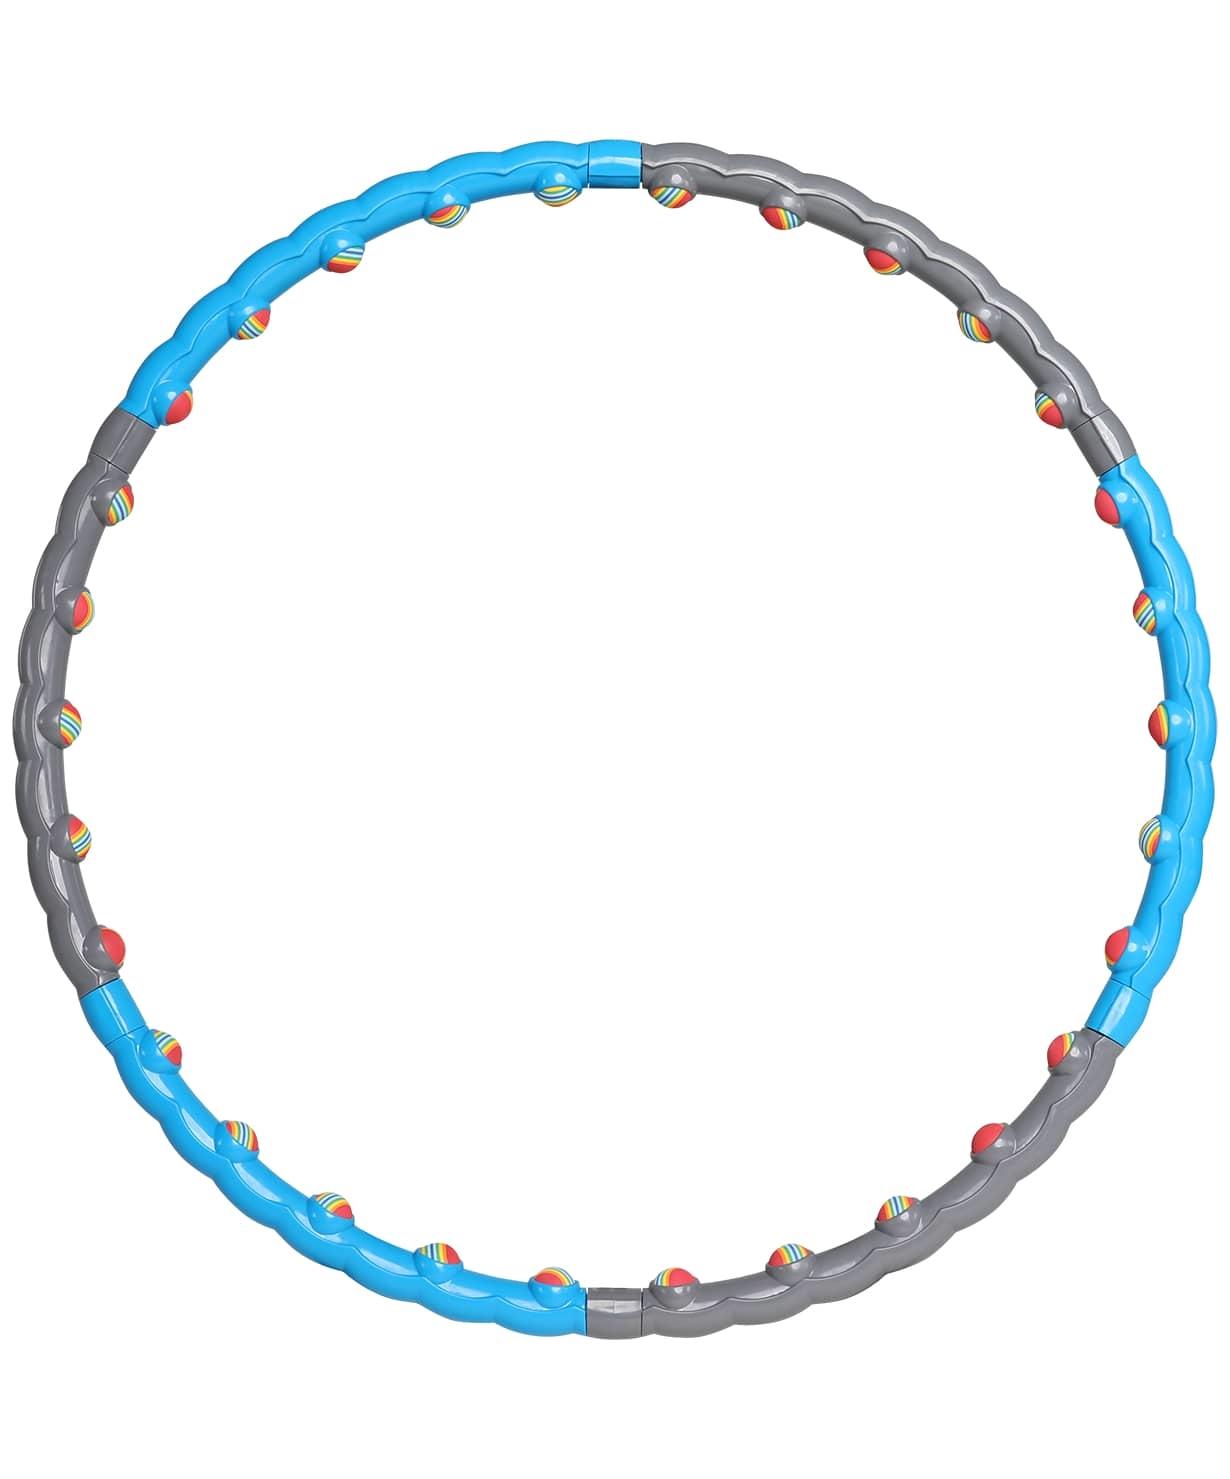 Обруч массажный разборный HH-108, синий/серый